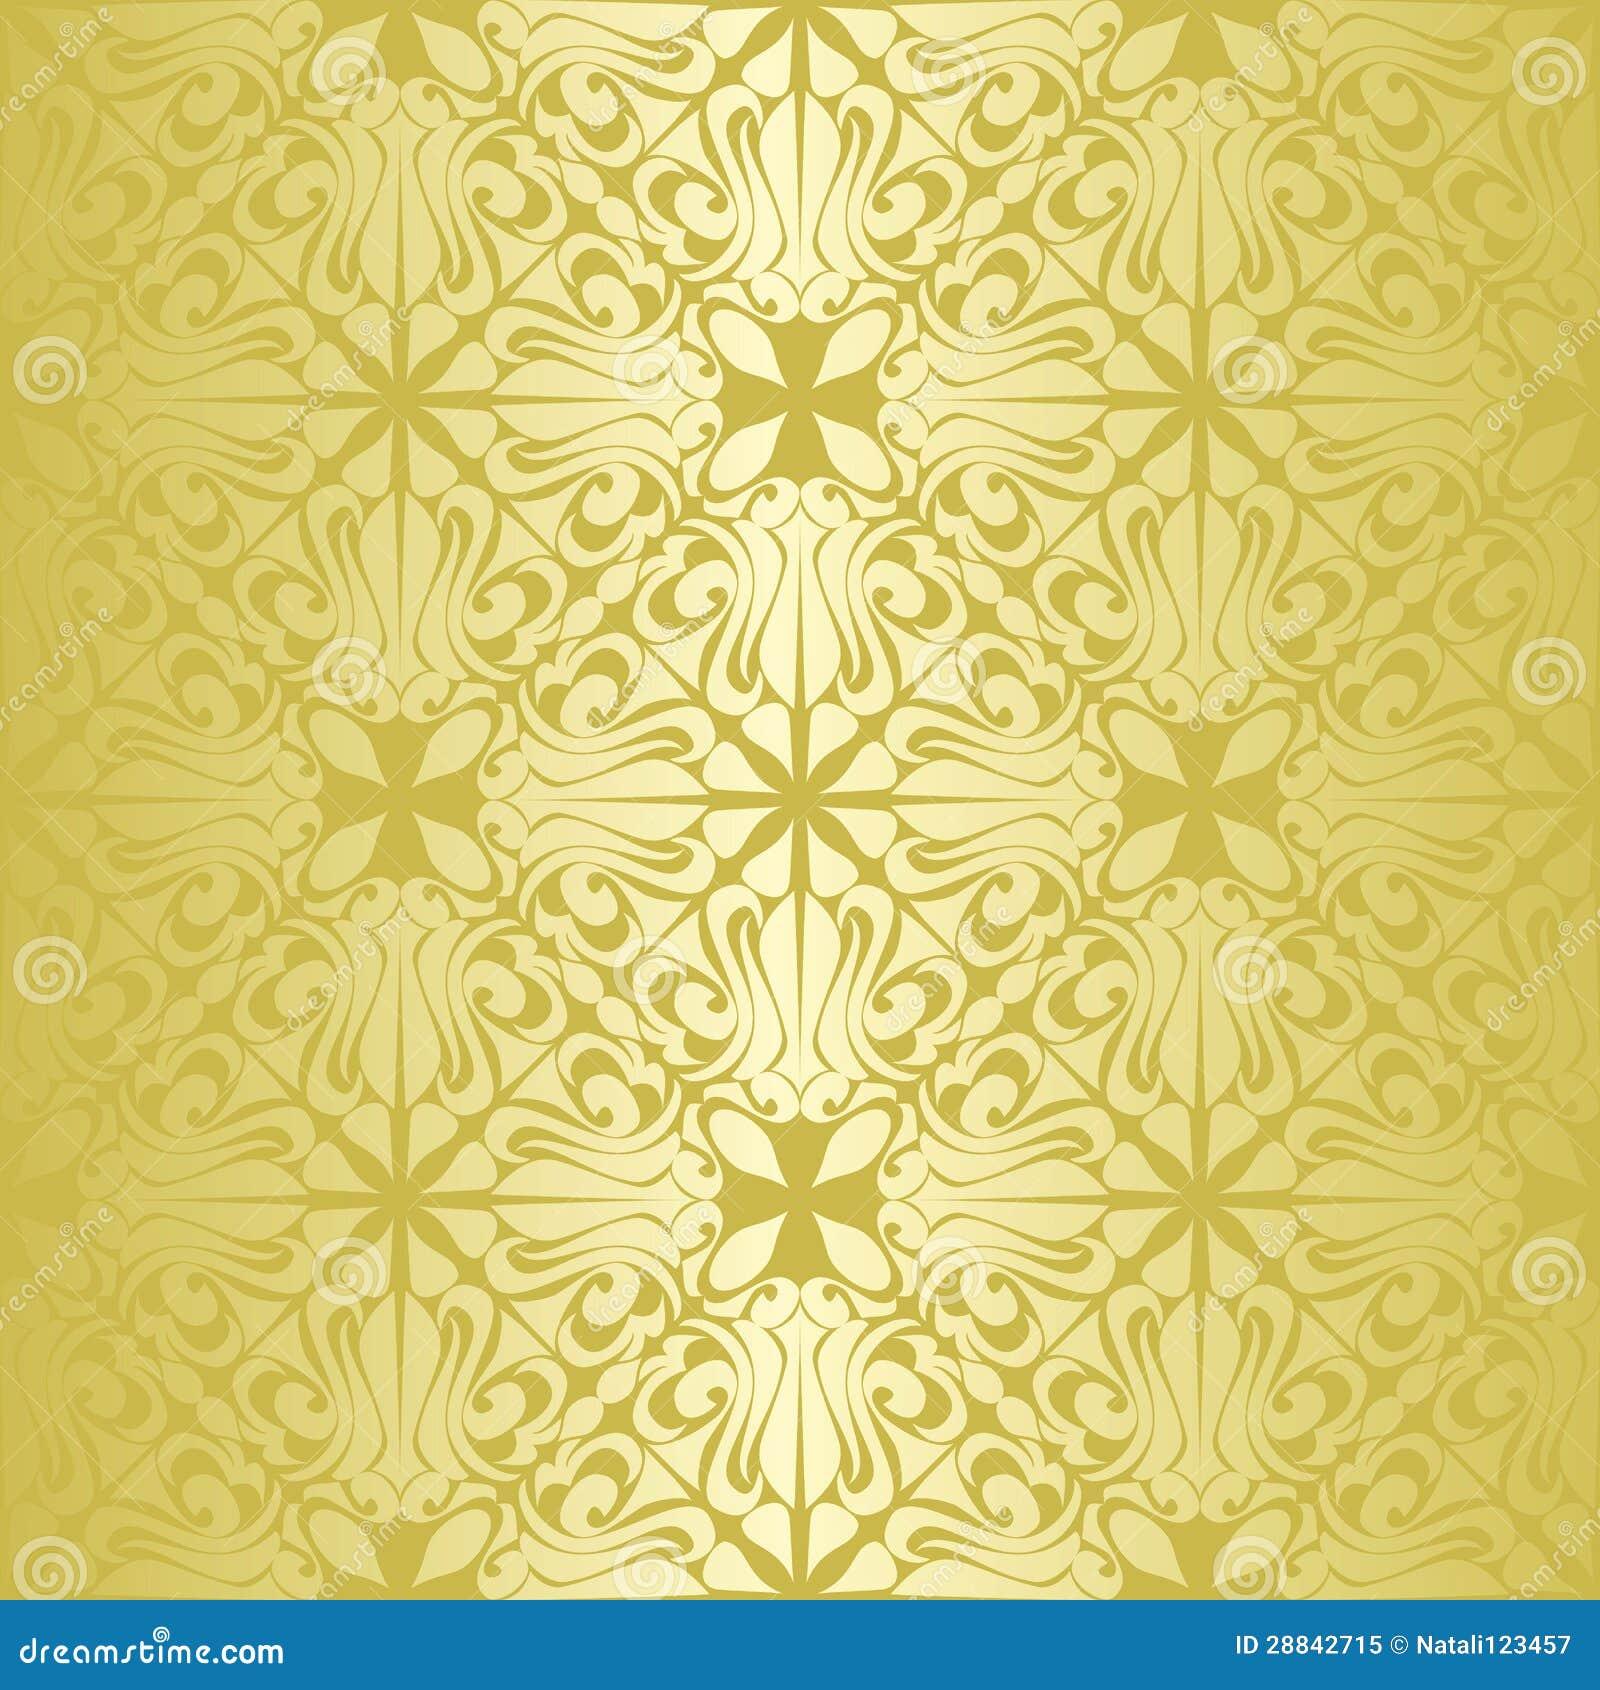 pattern royalty background patterns - photo #10